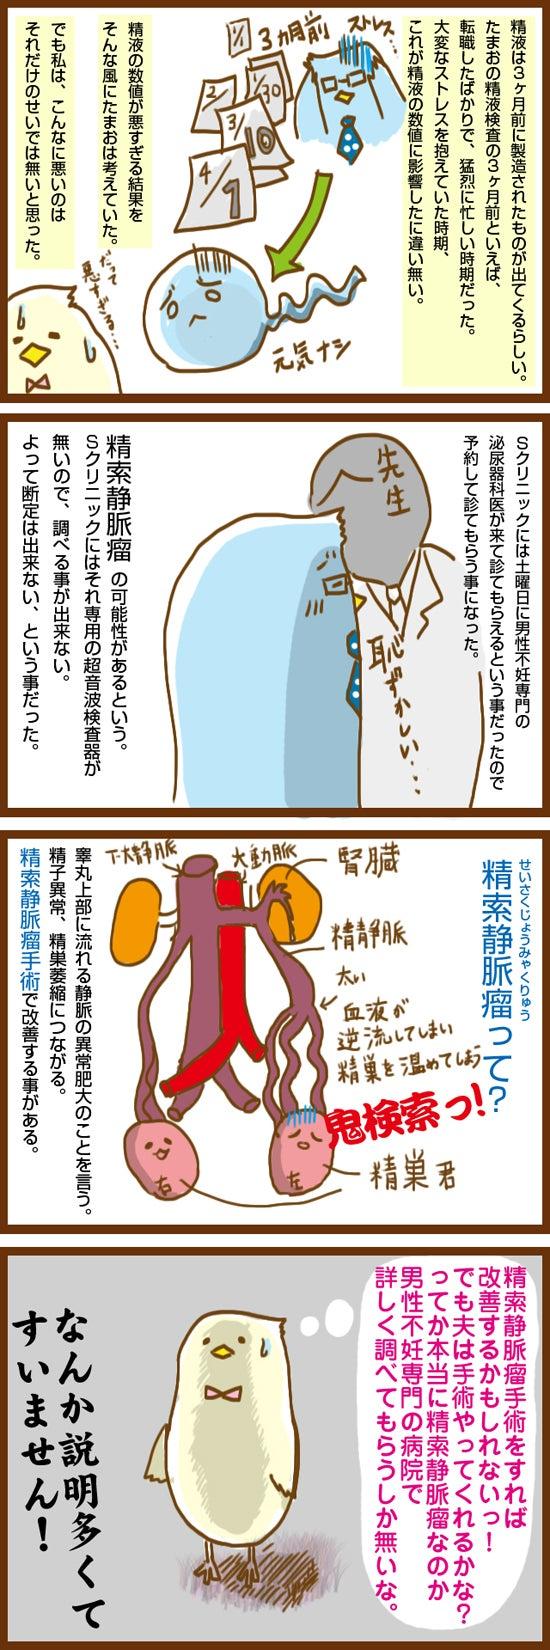 精索静脈瘤